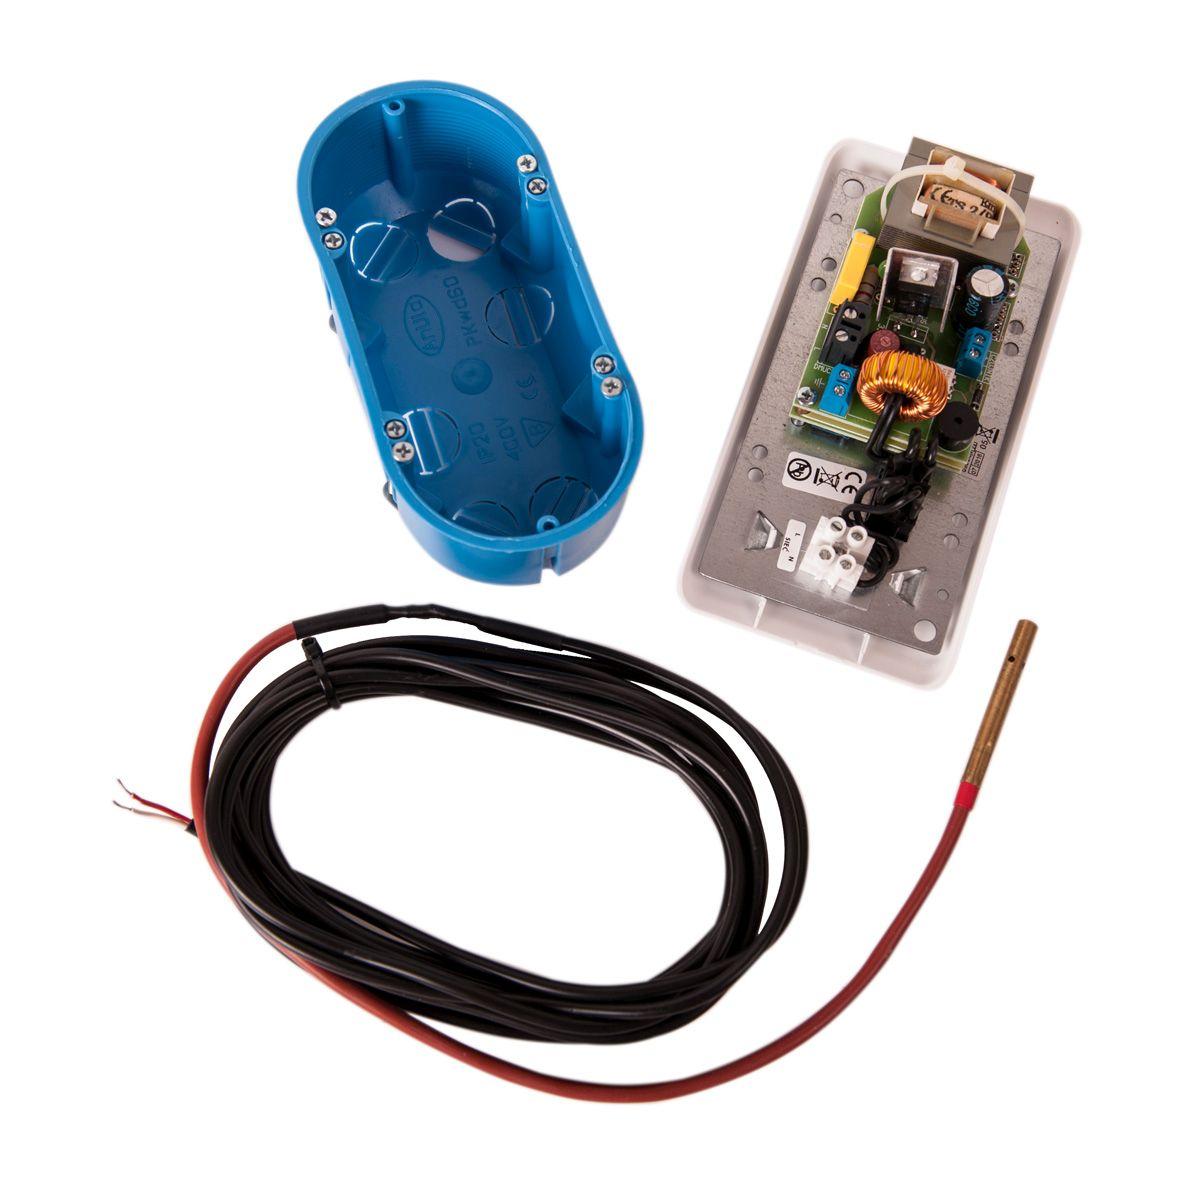 Regulátor otáček ventilátoru RT-03C ARO titanium s teplotním čidlem